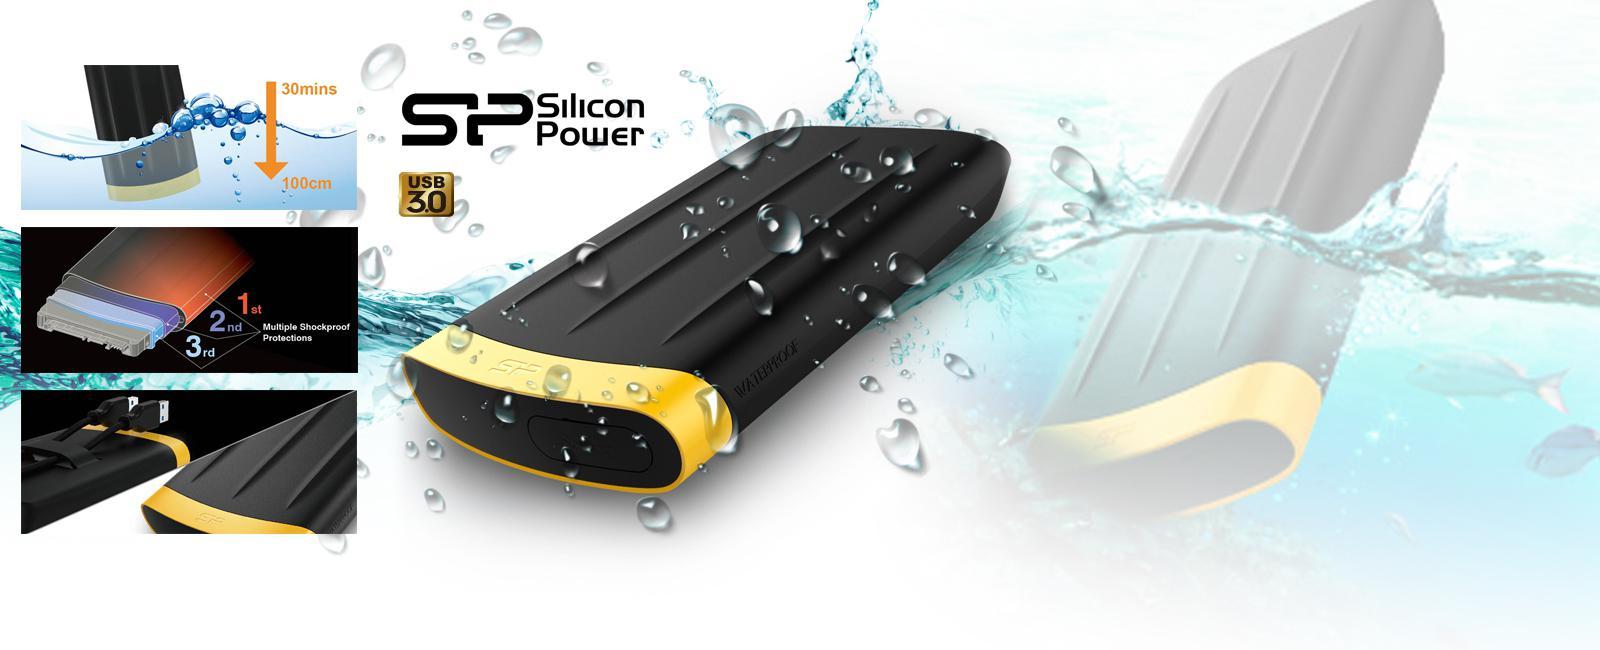 Disque dur externe USB 3.0 Silicon Power Armor 65 - 1To